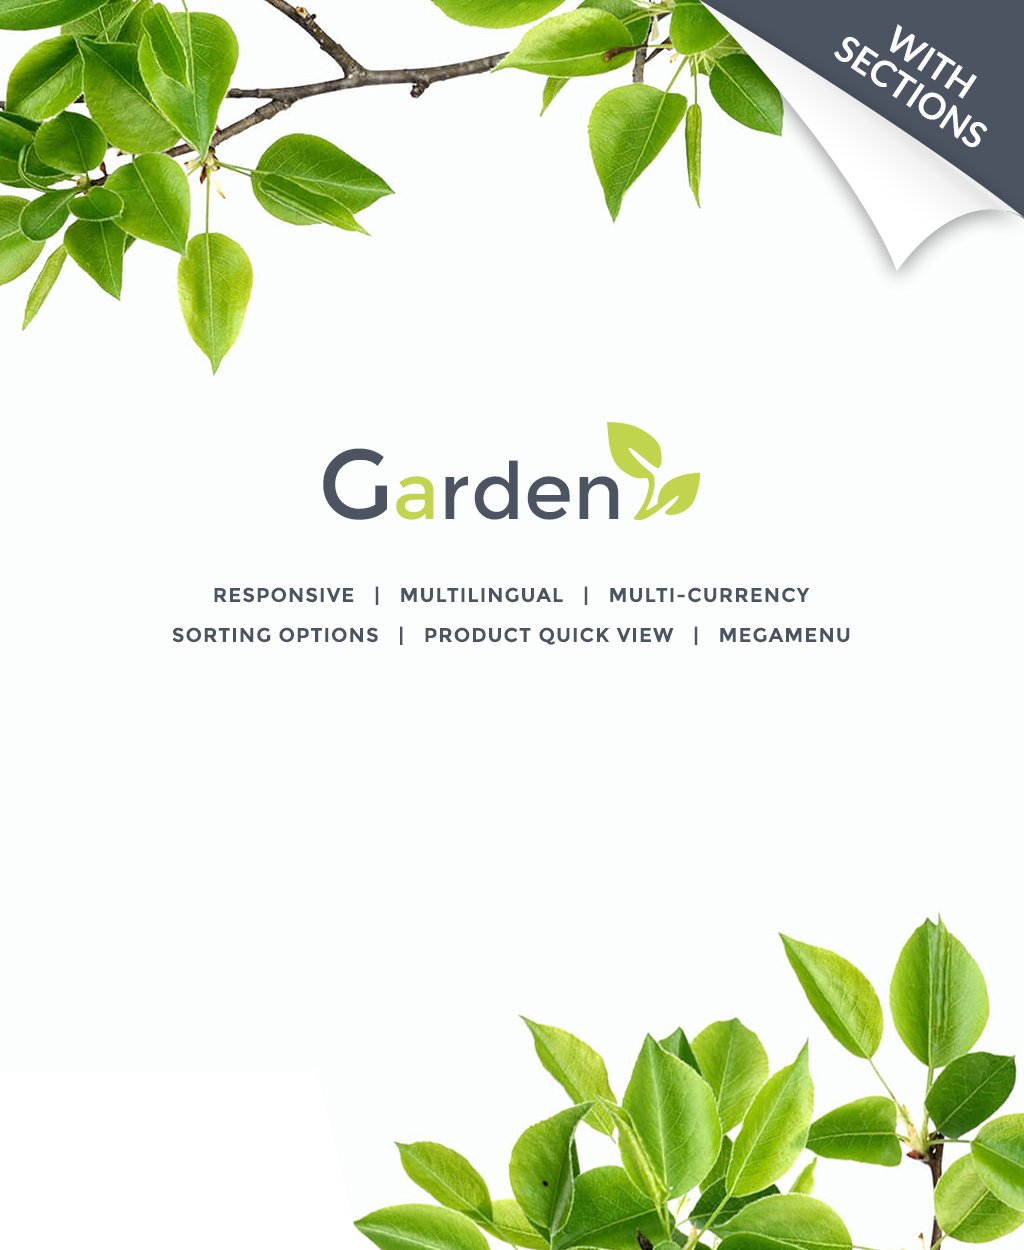 Thème Shopify adaptatif pour site de design de jardin #64035 - screenshot